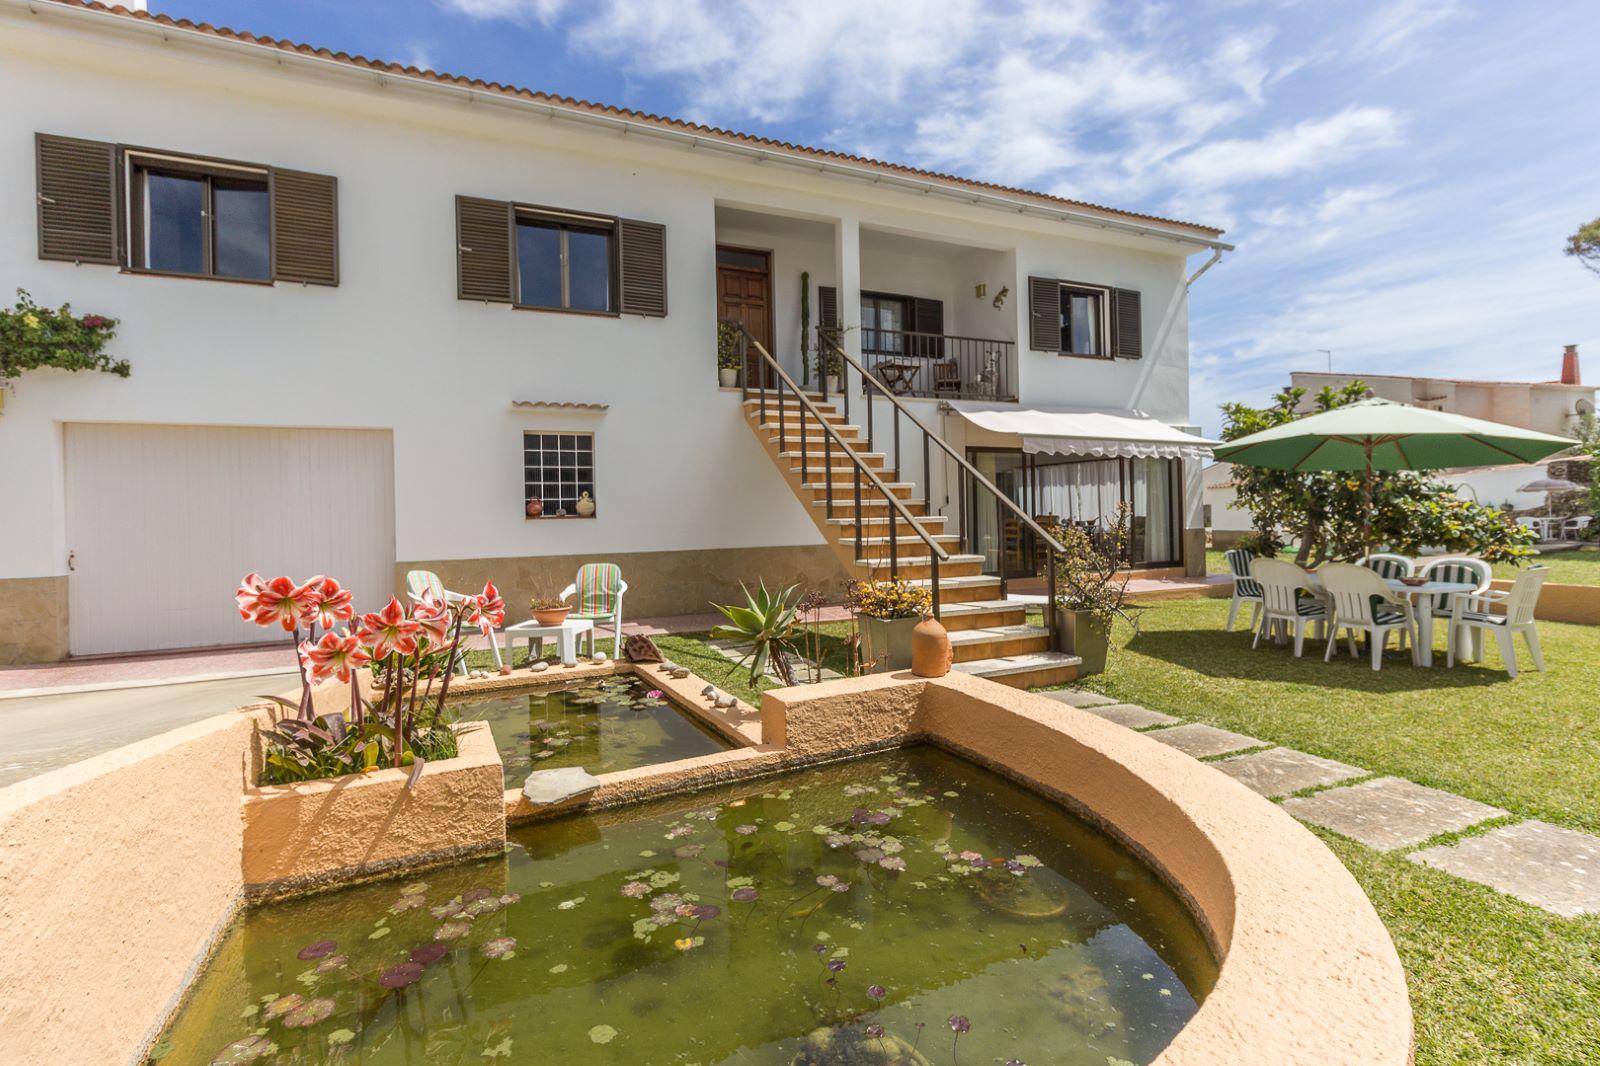 Villa in Santa Ana Ref: M8362 1